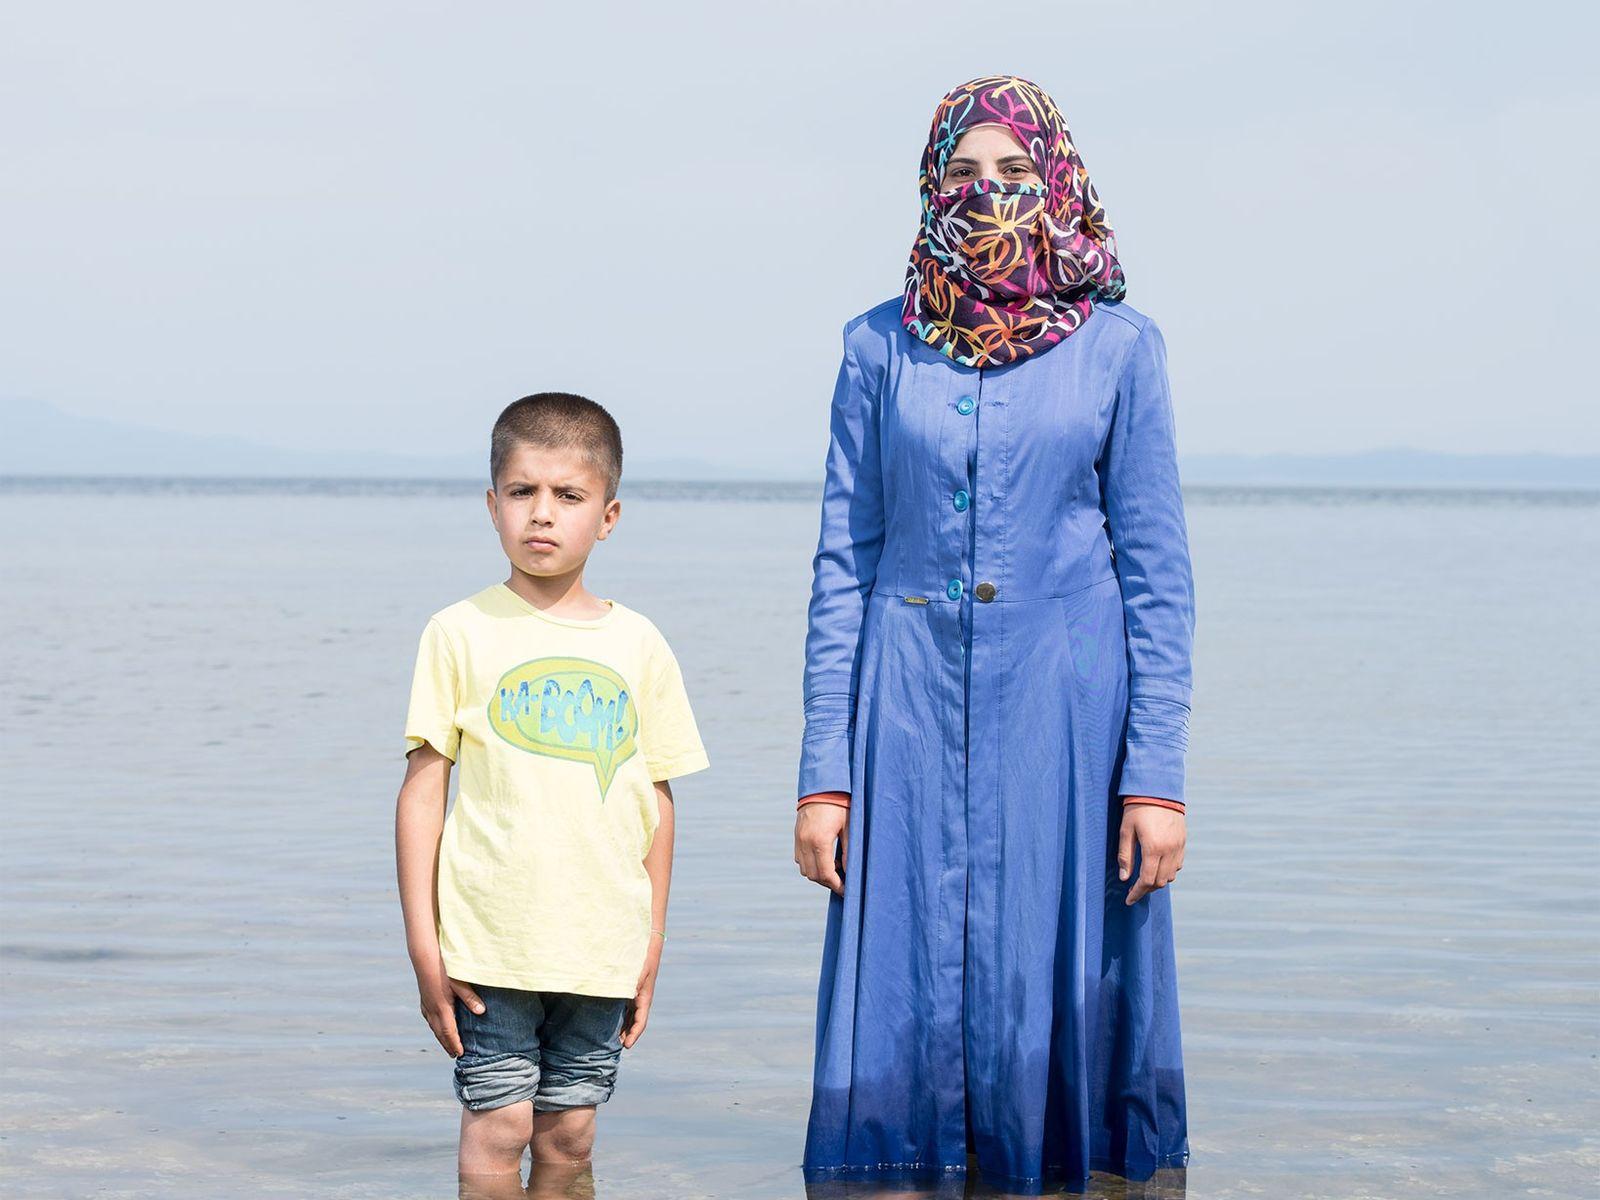 Kafa Al Nayaf, de 19 anos, e seu sobrinho fugiram da Síria para escapar do bombardeamento. ...